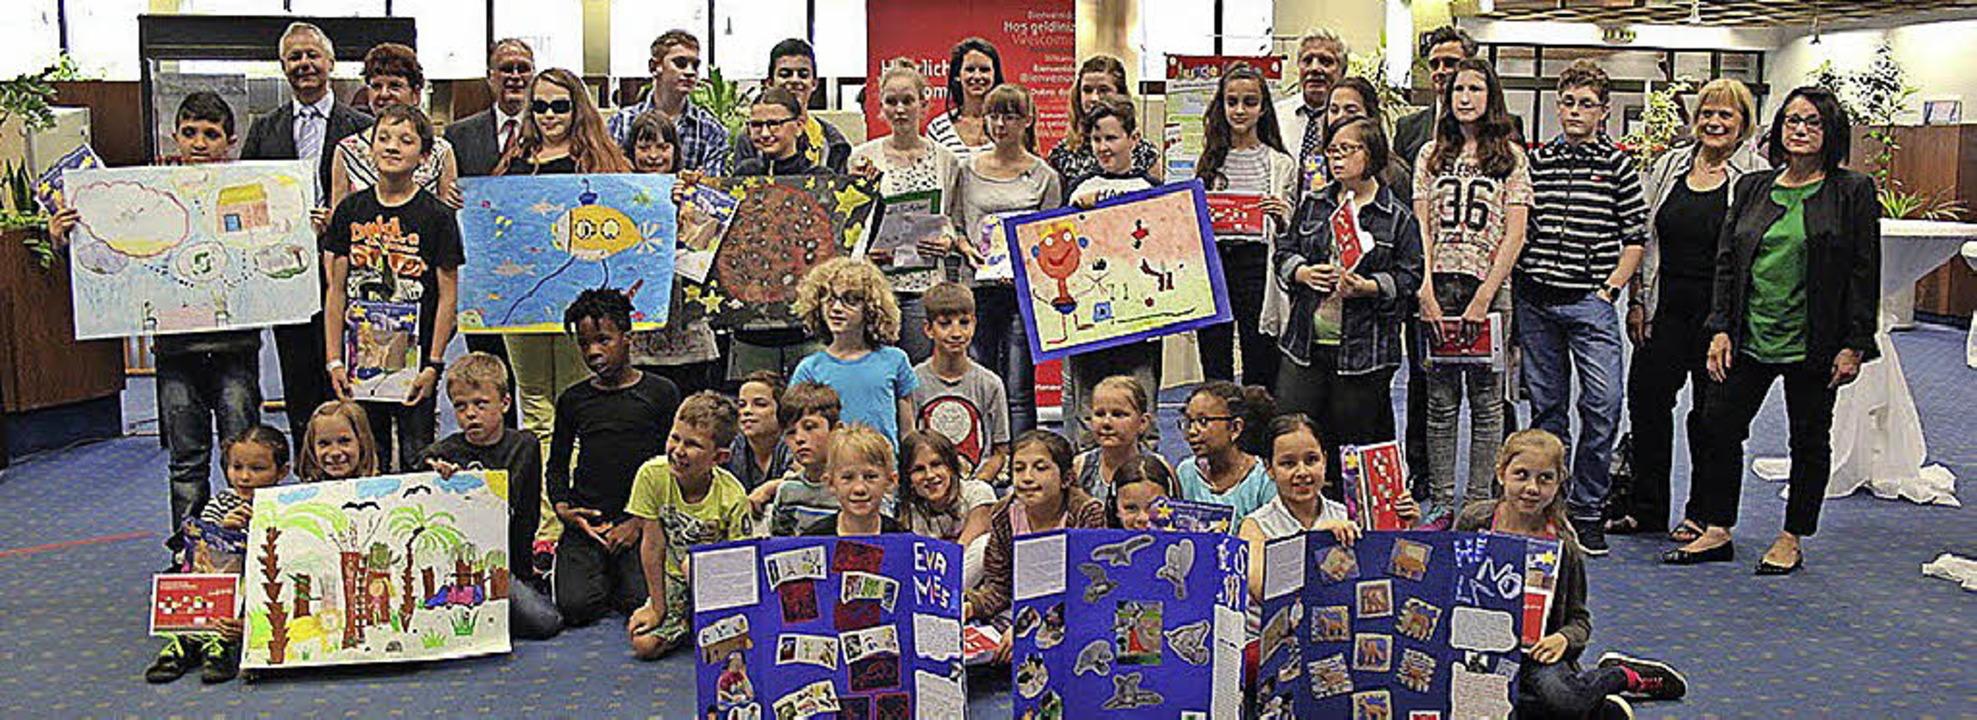 Ausgezeichnet: 63 Schülerinnen und Sch... wurden für ihre Werke ausgezeichnet.     Foto: Sparkasse